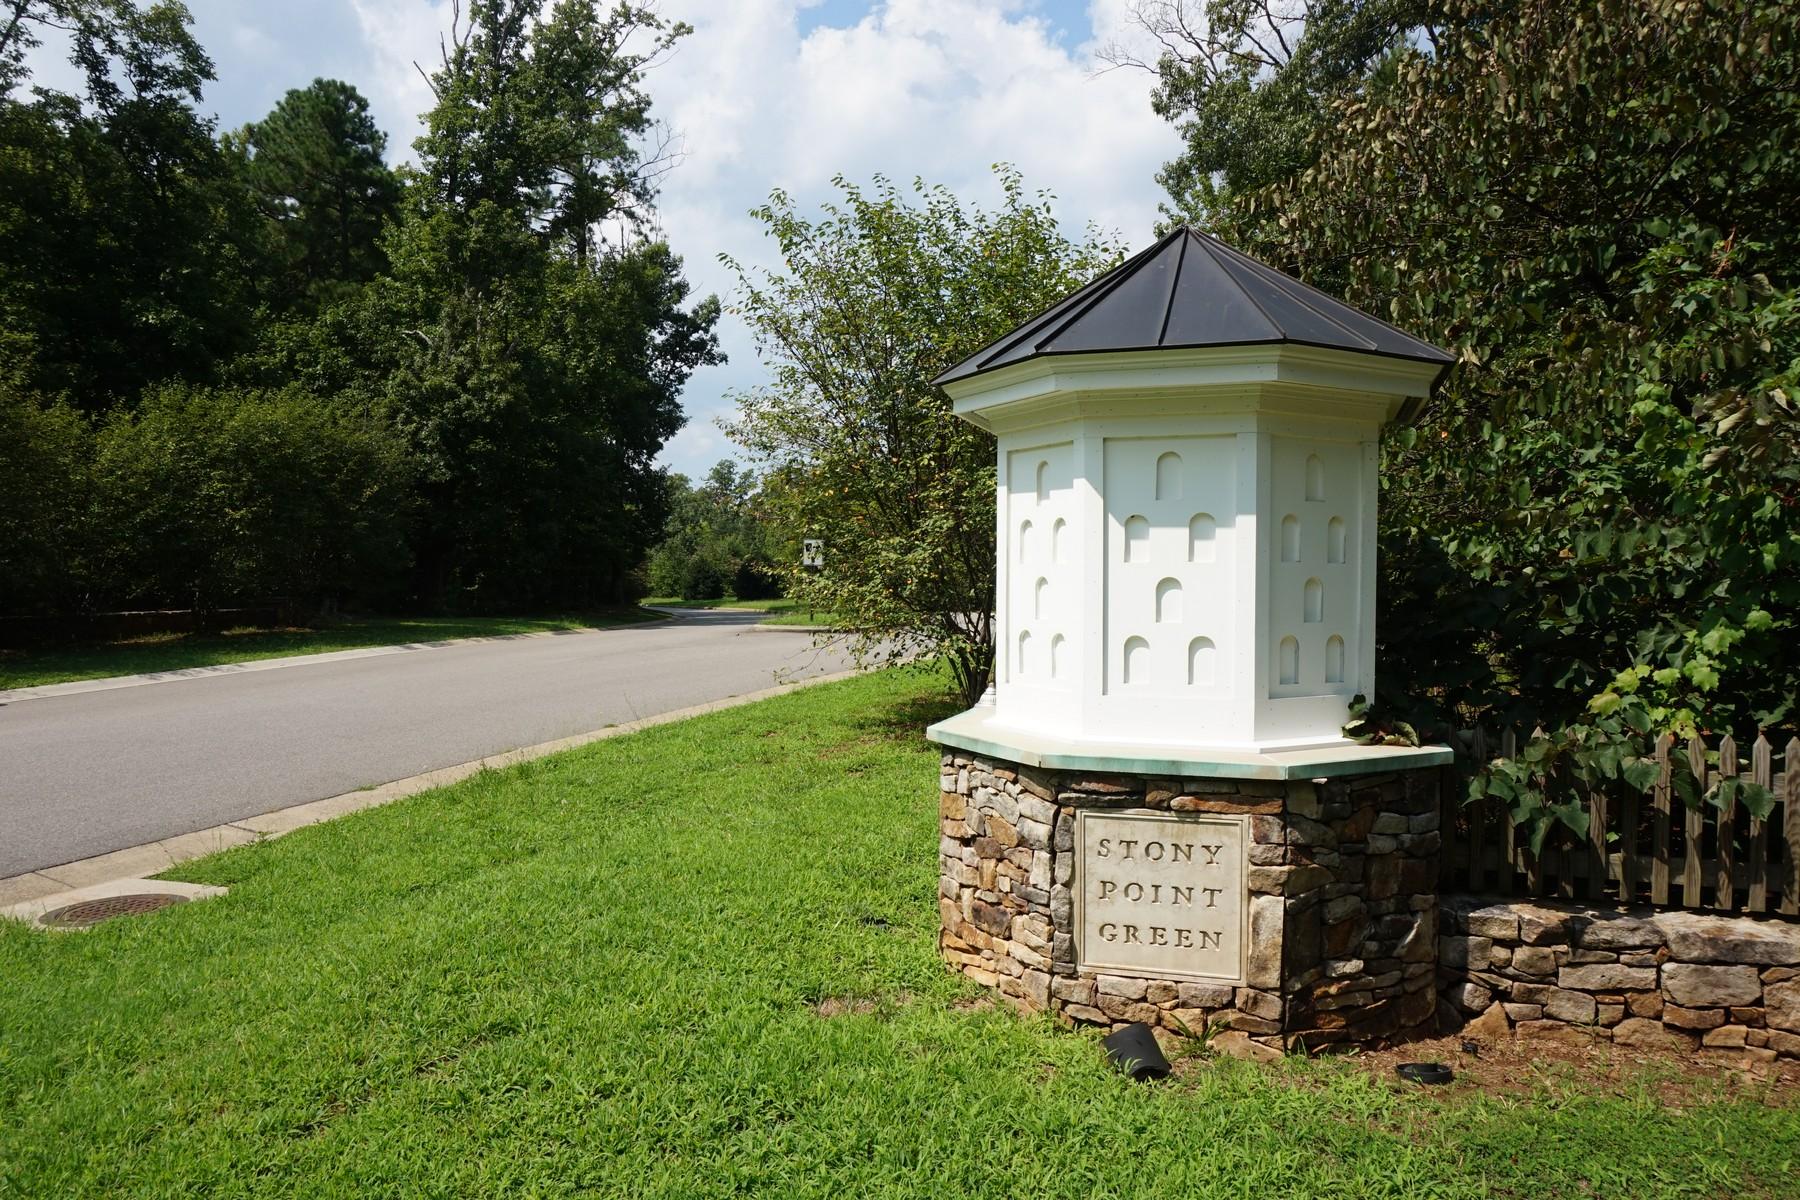 Земля для того Продажа на 3327 Stony Point Road, Richmond 3417 Stony Point Rd, Richmond, Виргиния, 23235 Соединенные Штаты